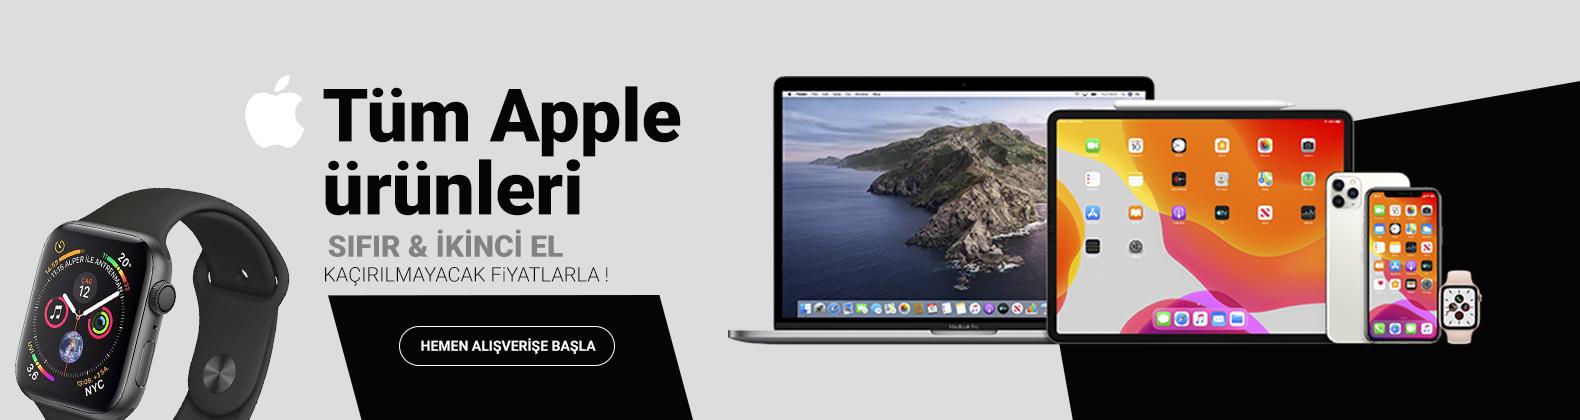 Apple Ürünleri Ağustos